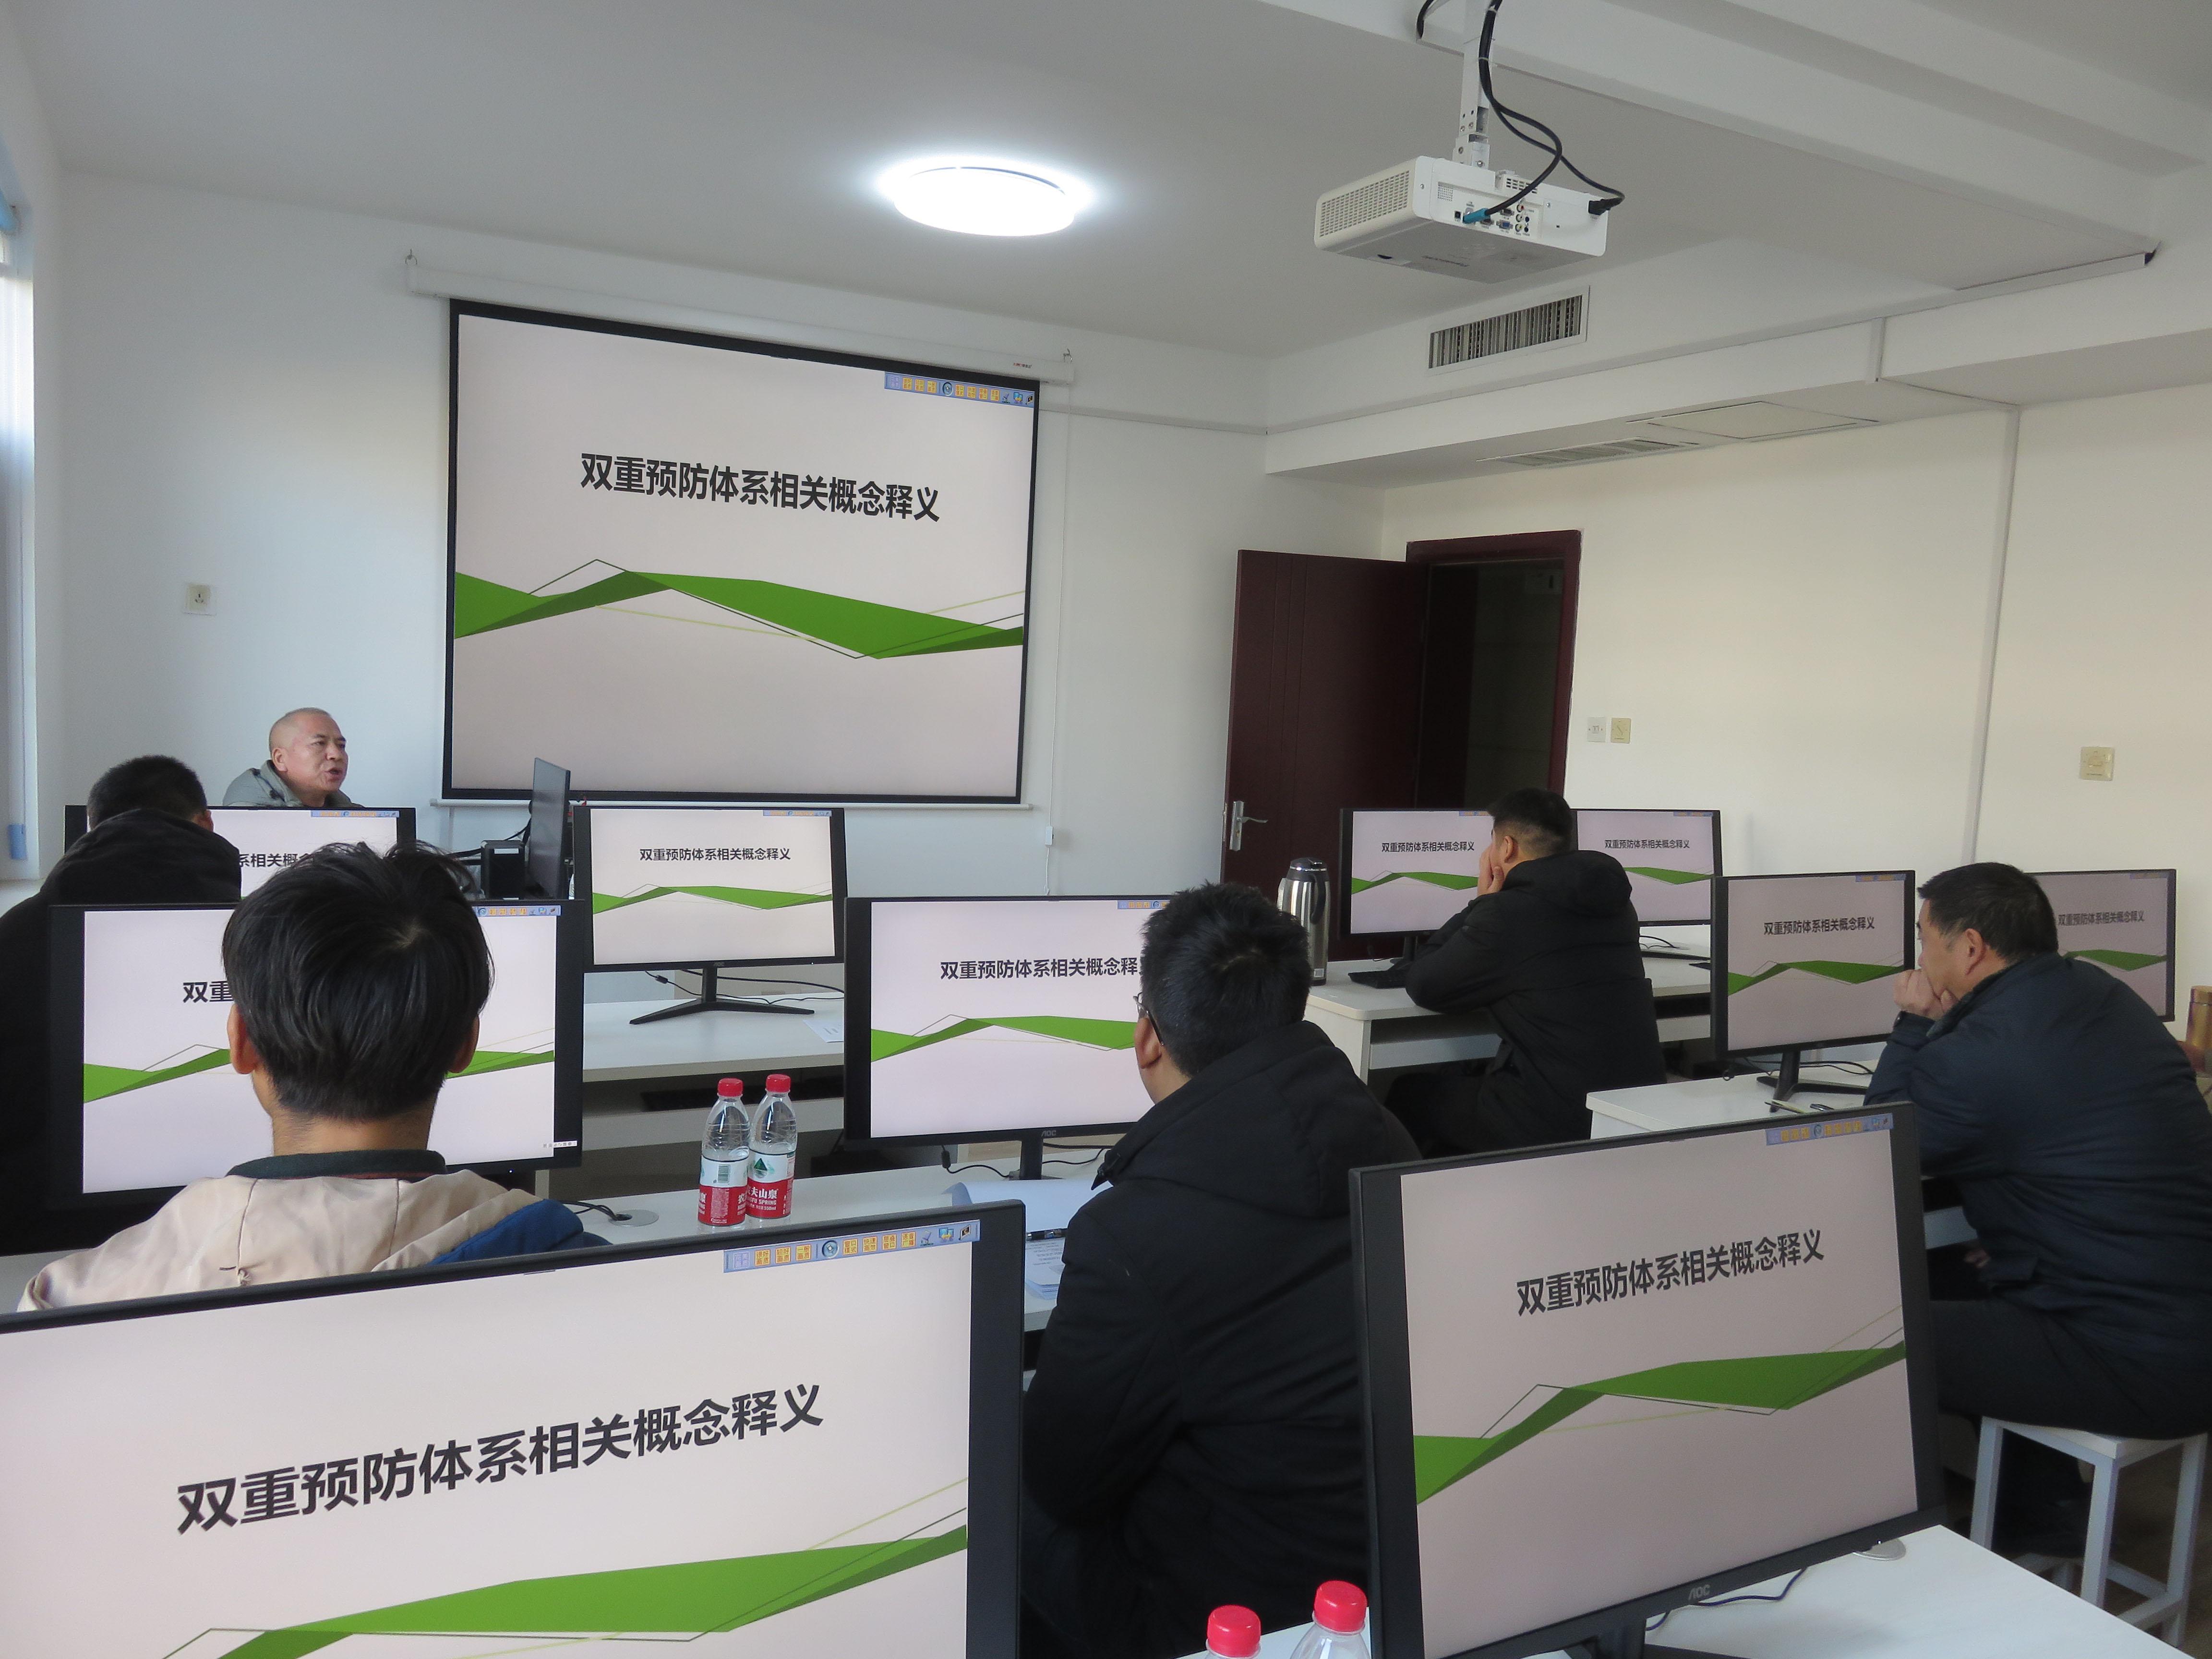 郑州建工集团召开建筑施工安全生产双重预防体系专题教育培训